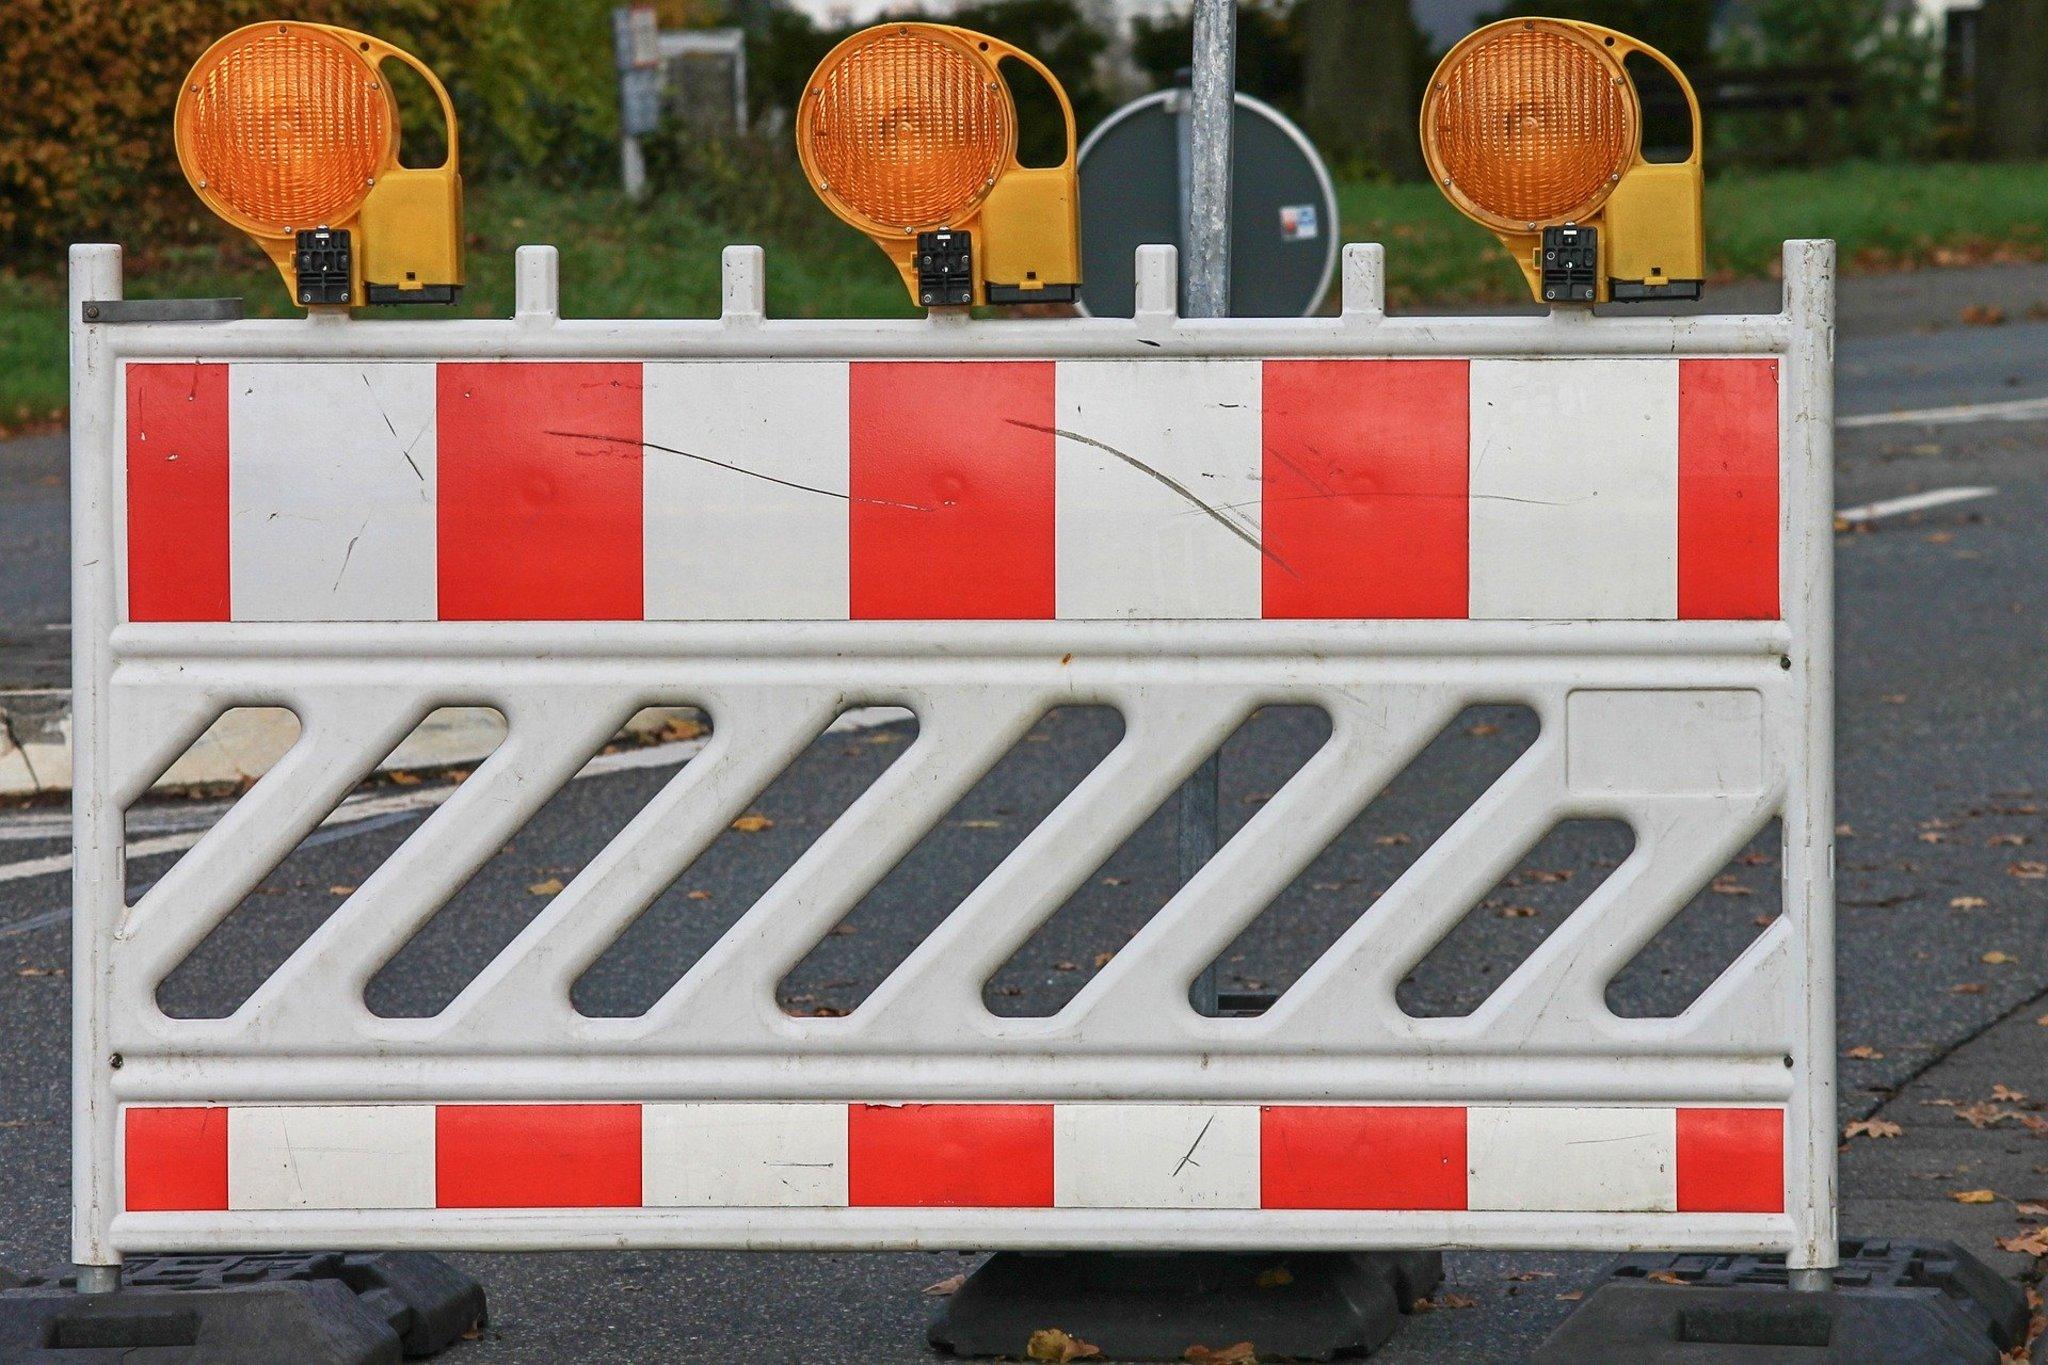 VERKEHR IN MARL: Steinernkreuz: Nächste Baustelle sorgt für Straßensperrung - Lokalkompass.de